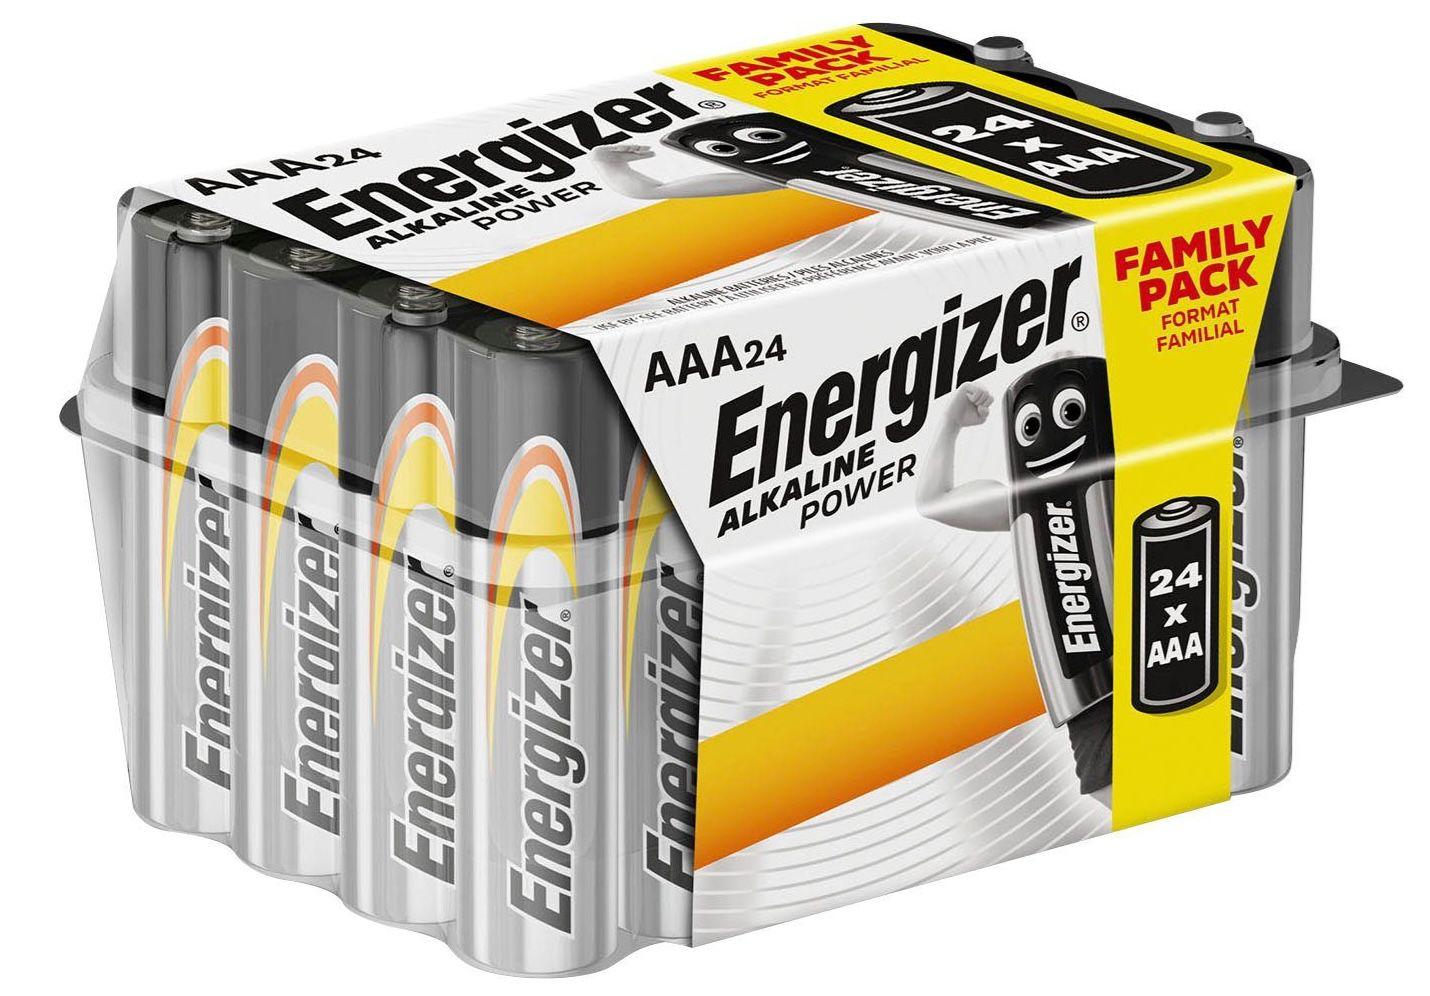 OTTO spendiert 5€ Spar Guthaben   z.B. 24x AAA Energizer Batterien für 1,99€